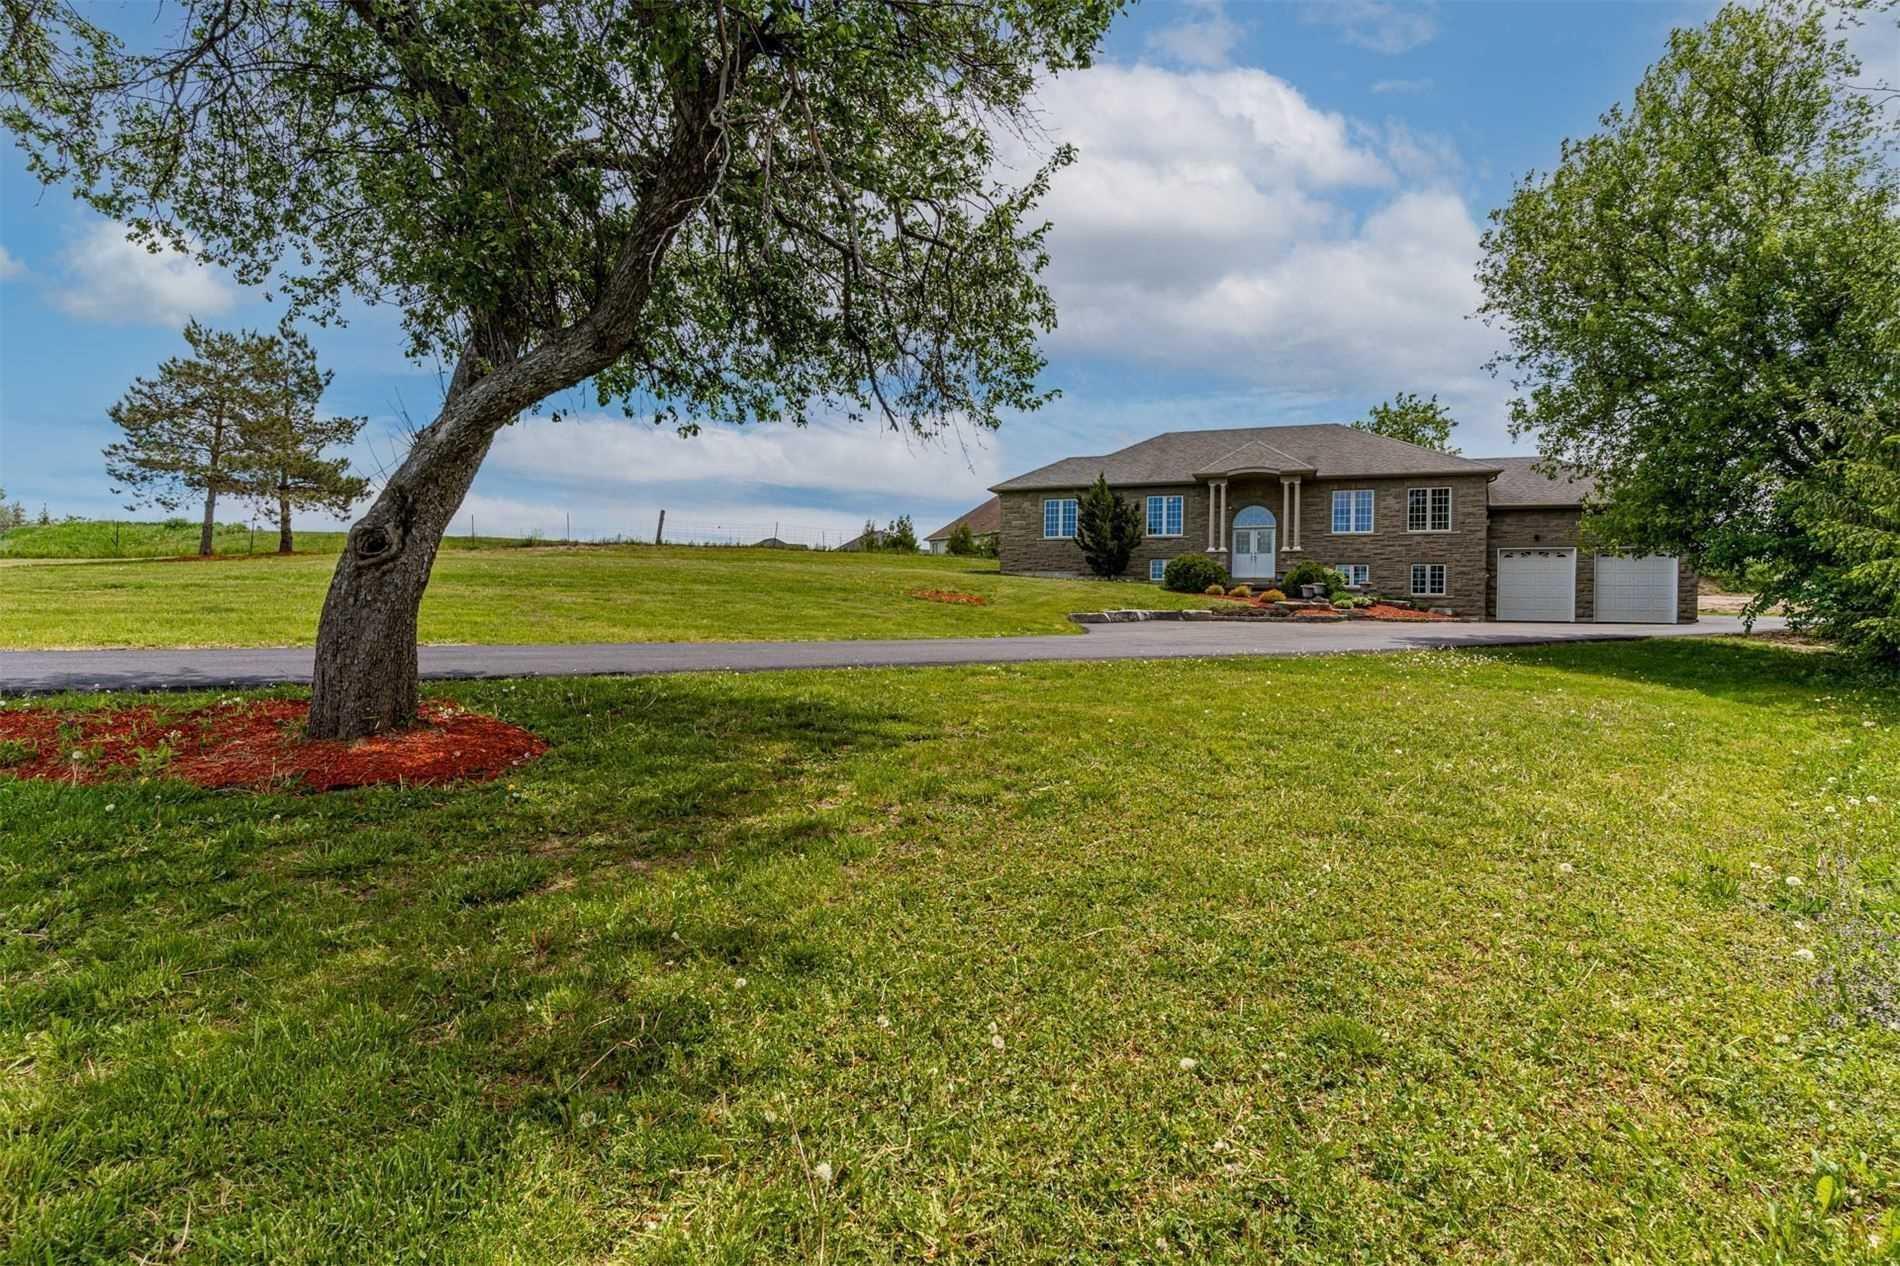 315 Highway 47 Rd - Rural Uxbridge Detached for sale, 3 Bedrooms (N5306115) - #2